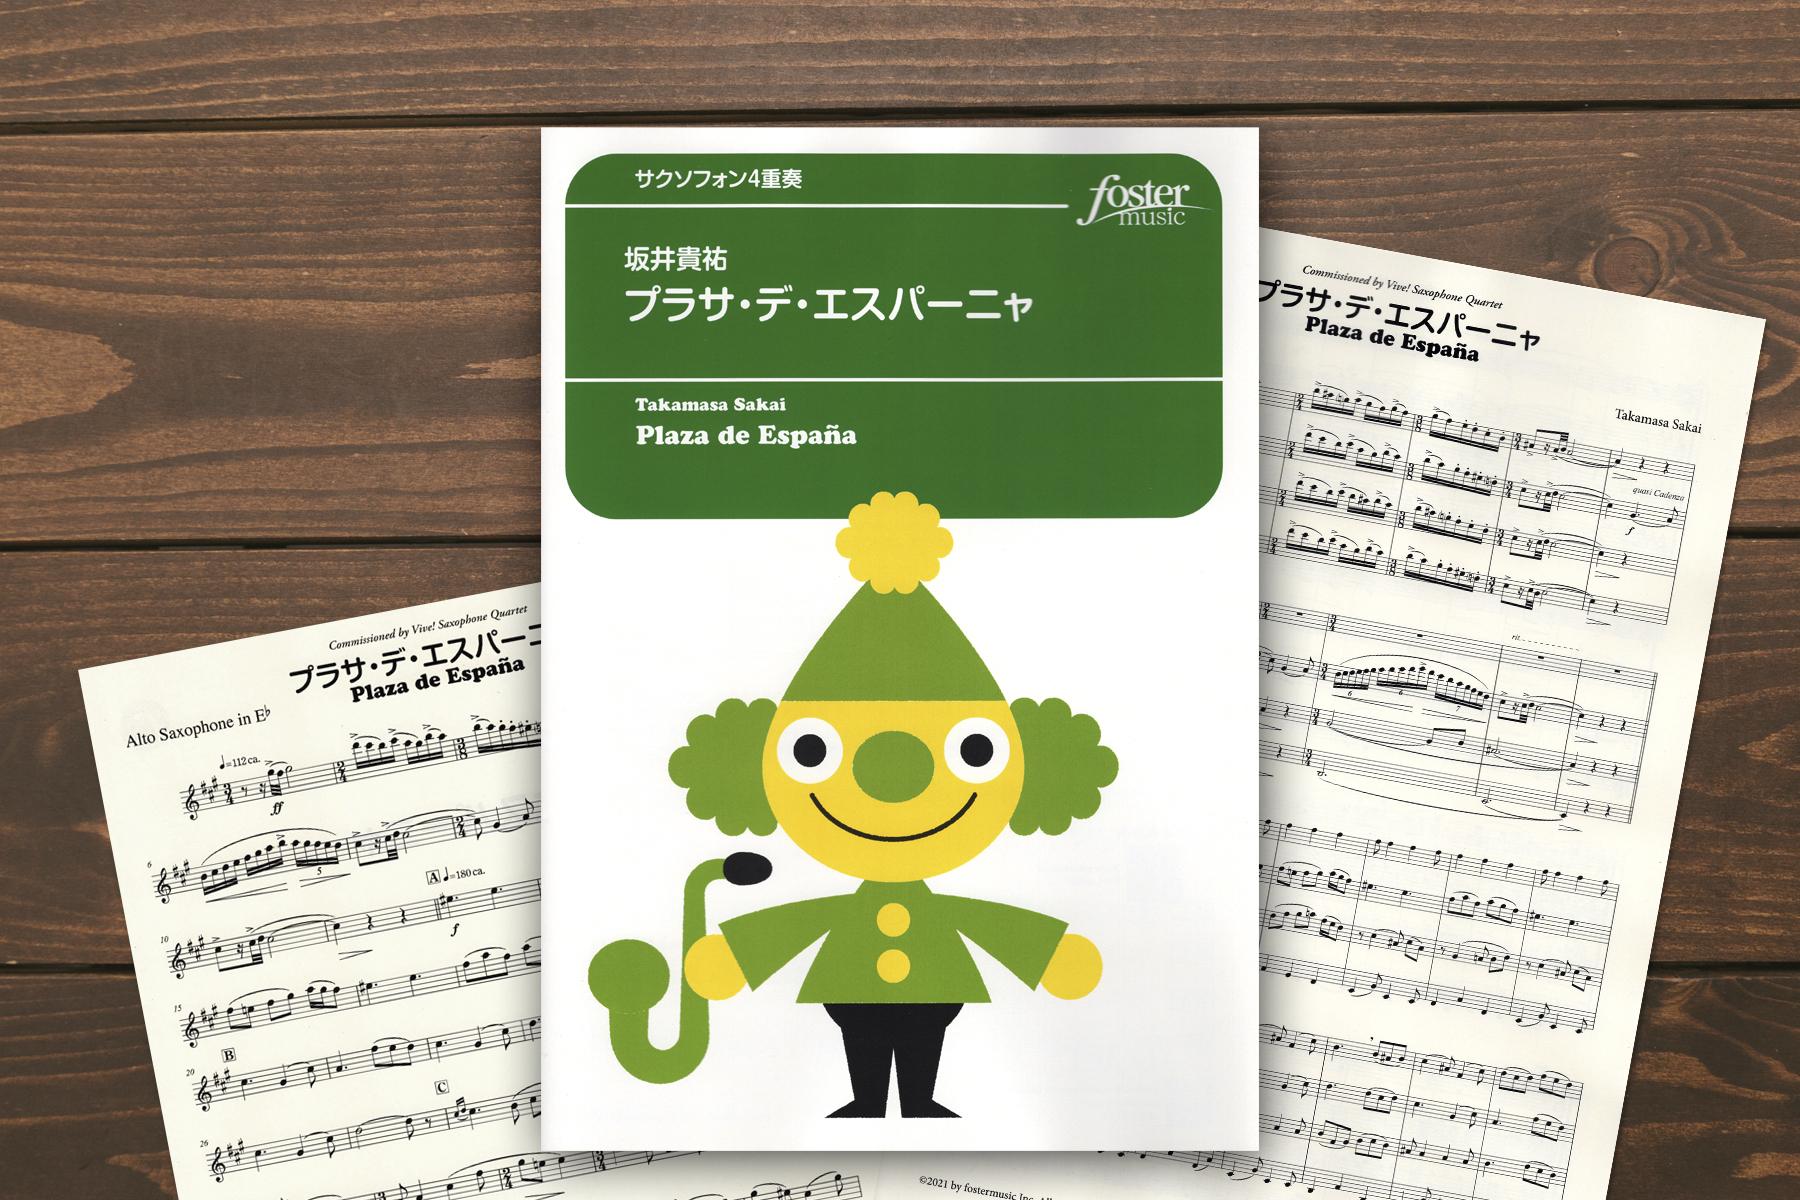 フォスターミュージックより『プラサ・デ・エスパーニャ』(坂井貴祐 作曲)が出版されました。